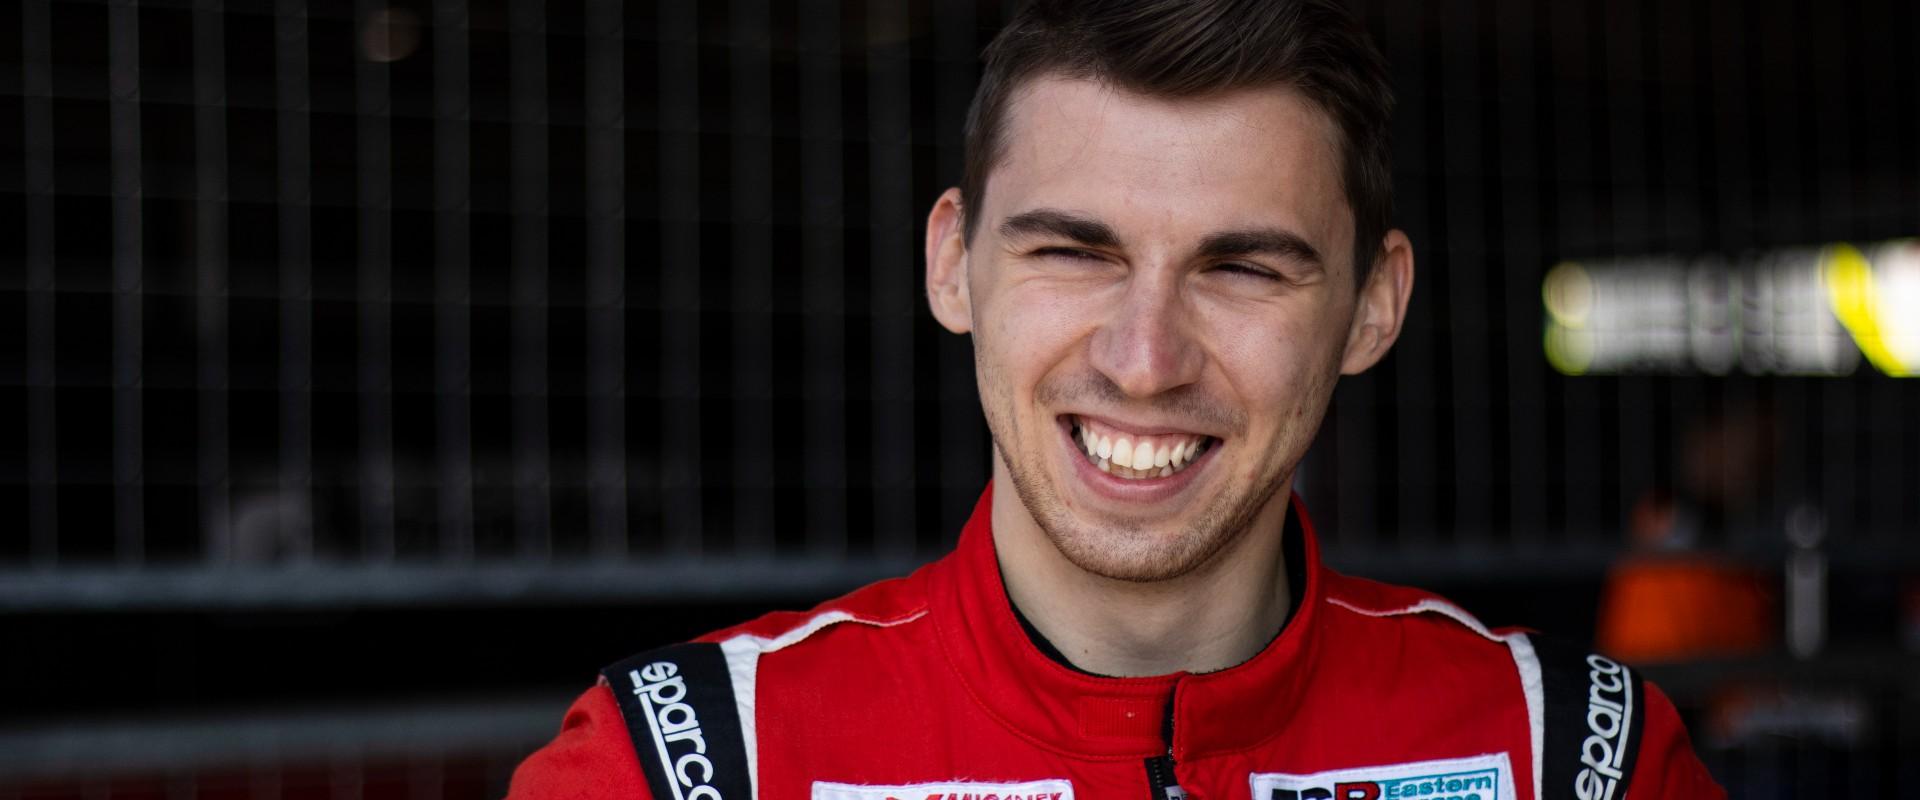 Mistr TCR Eastern Europe Michal Makeš: Na začátku sezony nás ani nenapadlo o titulu přemýšlet